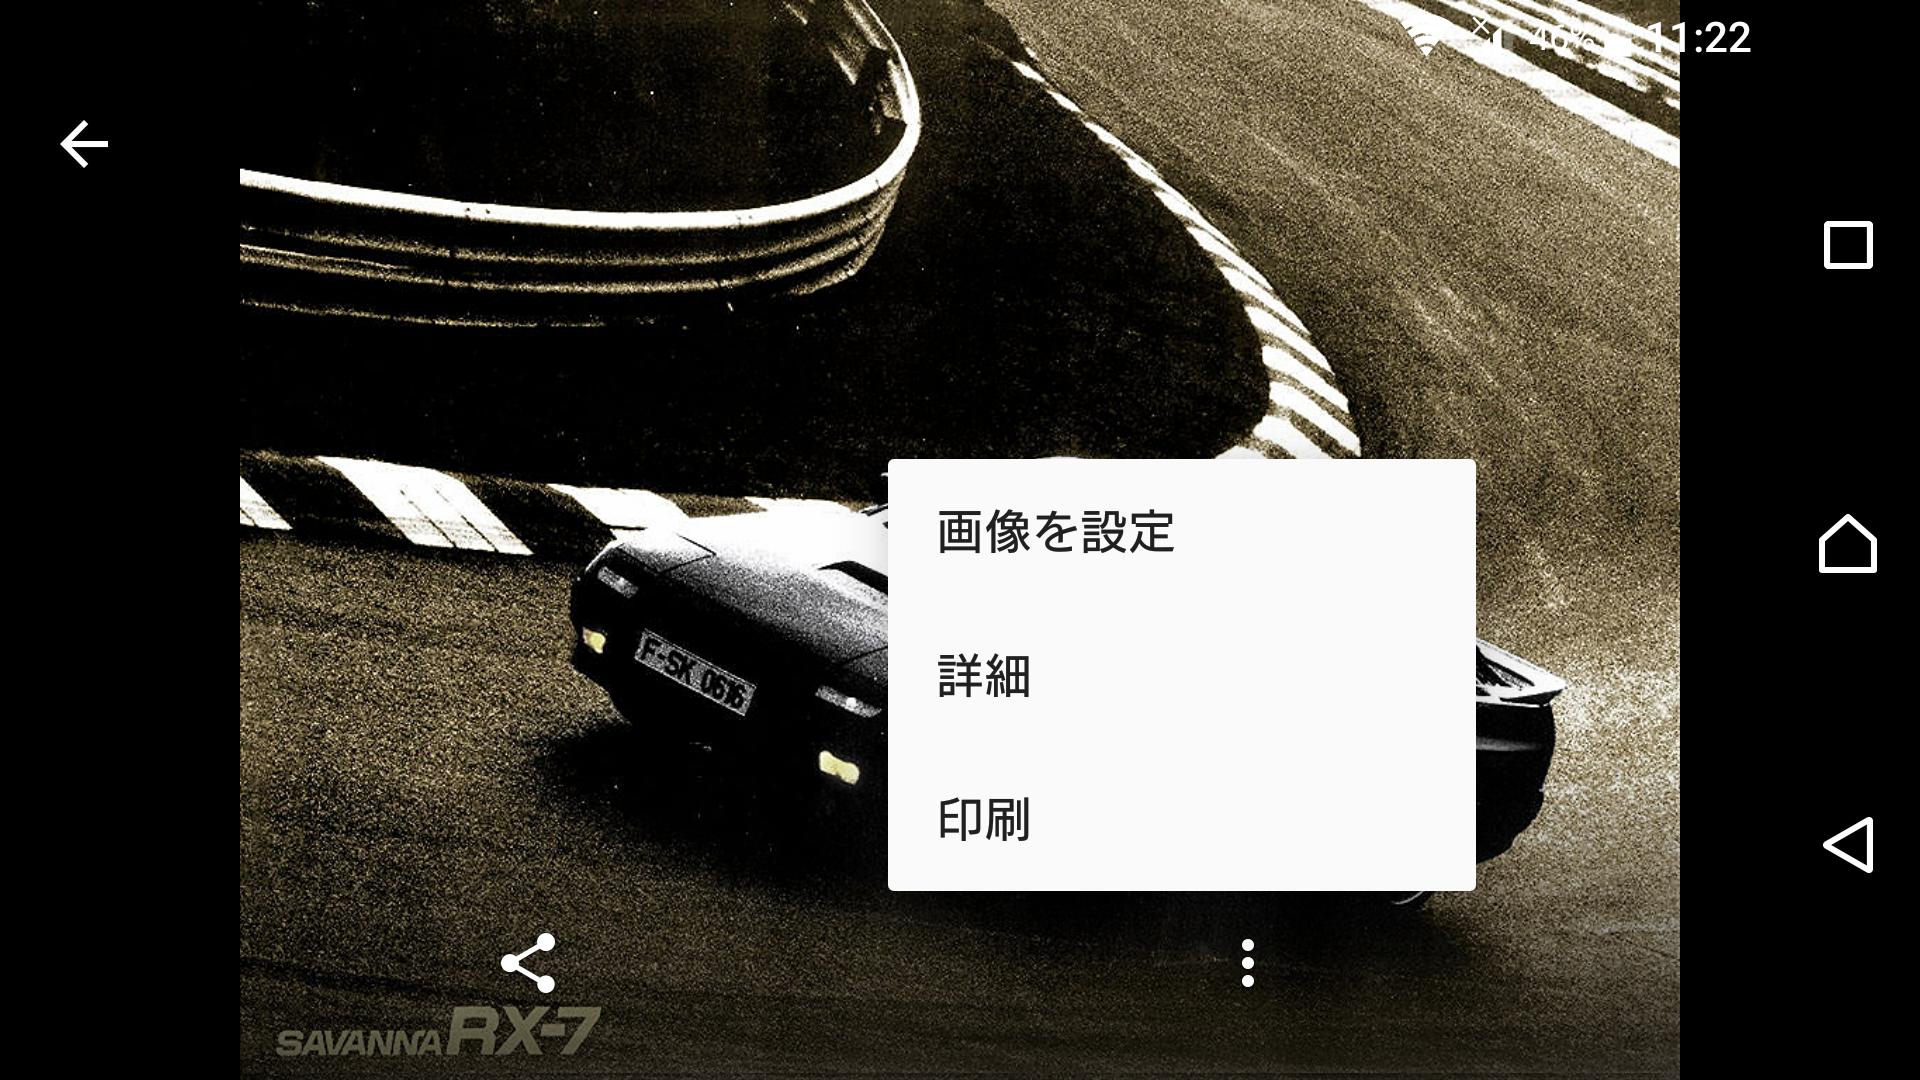 Xperia XZsでホーム画面とロック画面の設定の仕方